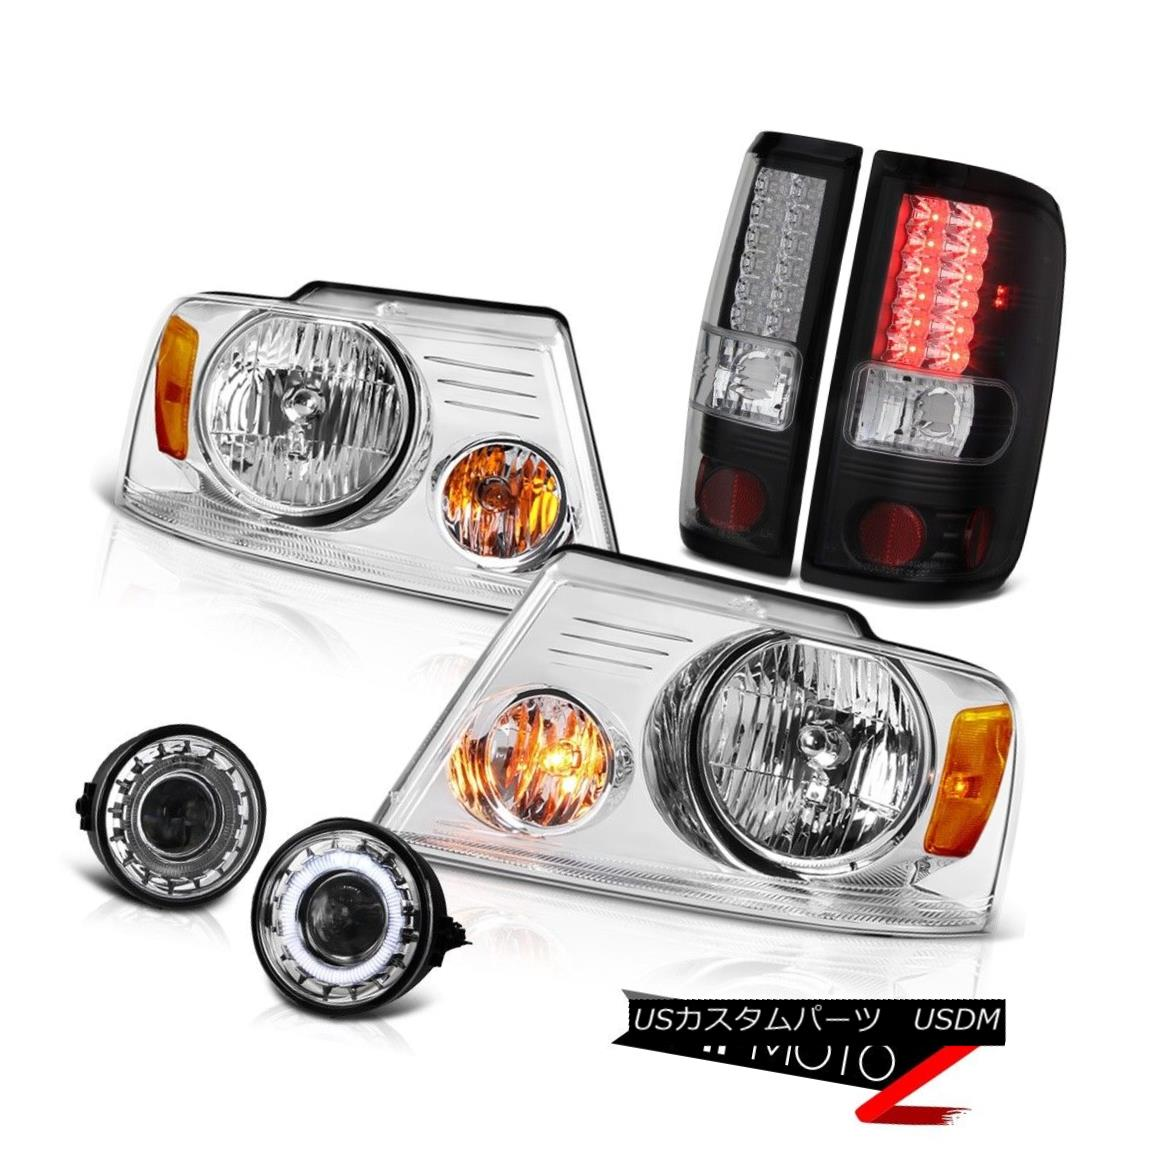 ヘッドライト 2006-2008 F150 PickUp Truck Headlight+LED BLK Tail Lights+Angel Eye Fog Lights 2006-2008 F150ピックアップトラックヘッドライト+ LED BLKテールライト+エンジェルアイフォグライト